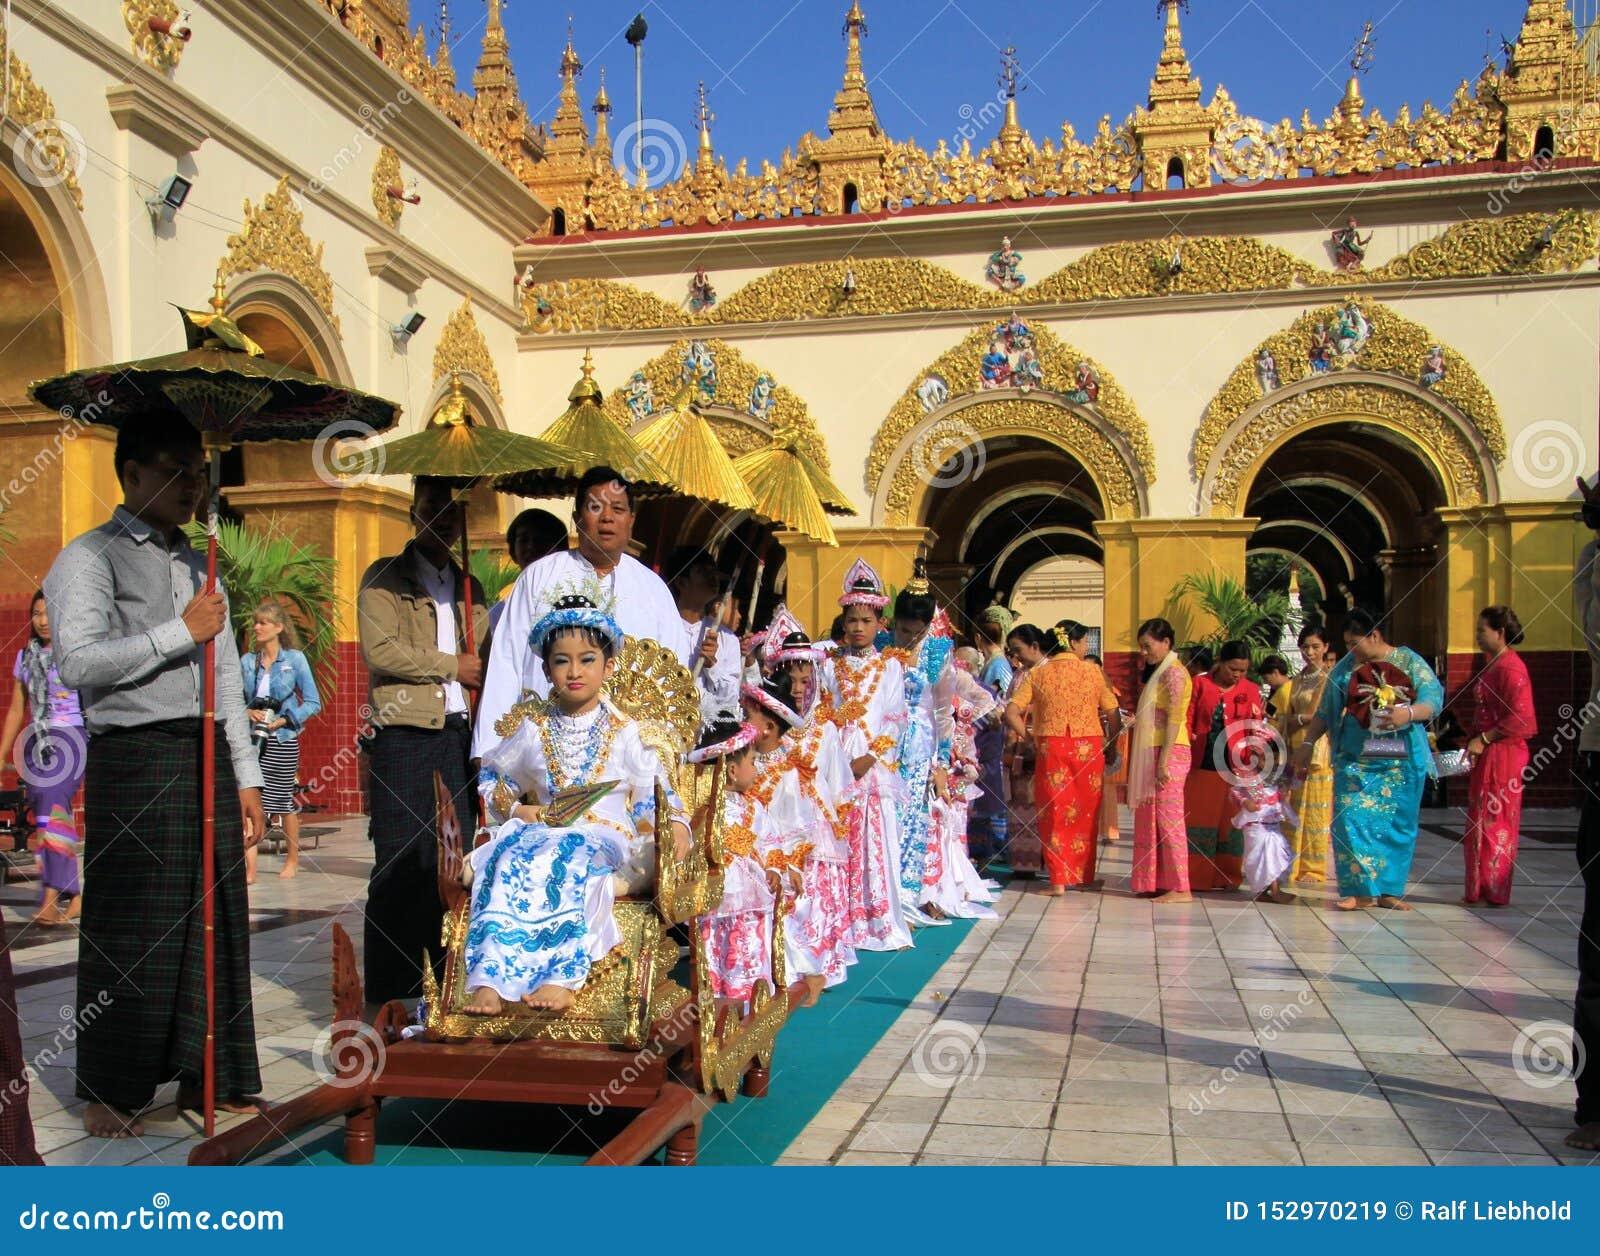 MANDALAY MYANMAR, GRUDZIEŃ, - 18 2015: Novitiation nowicjatu ceremonia Shinbyu dla młodej Buddyjskiej chłopiec na sedanu krześle